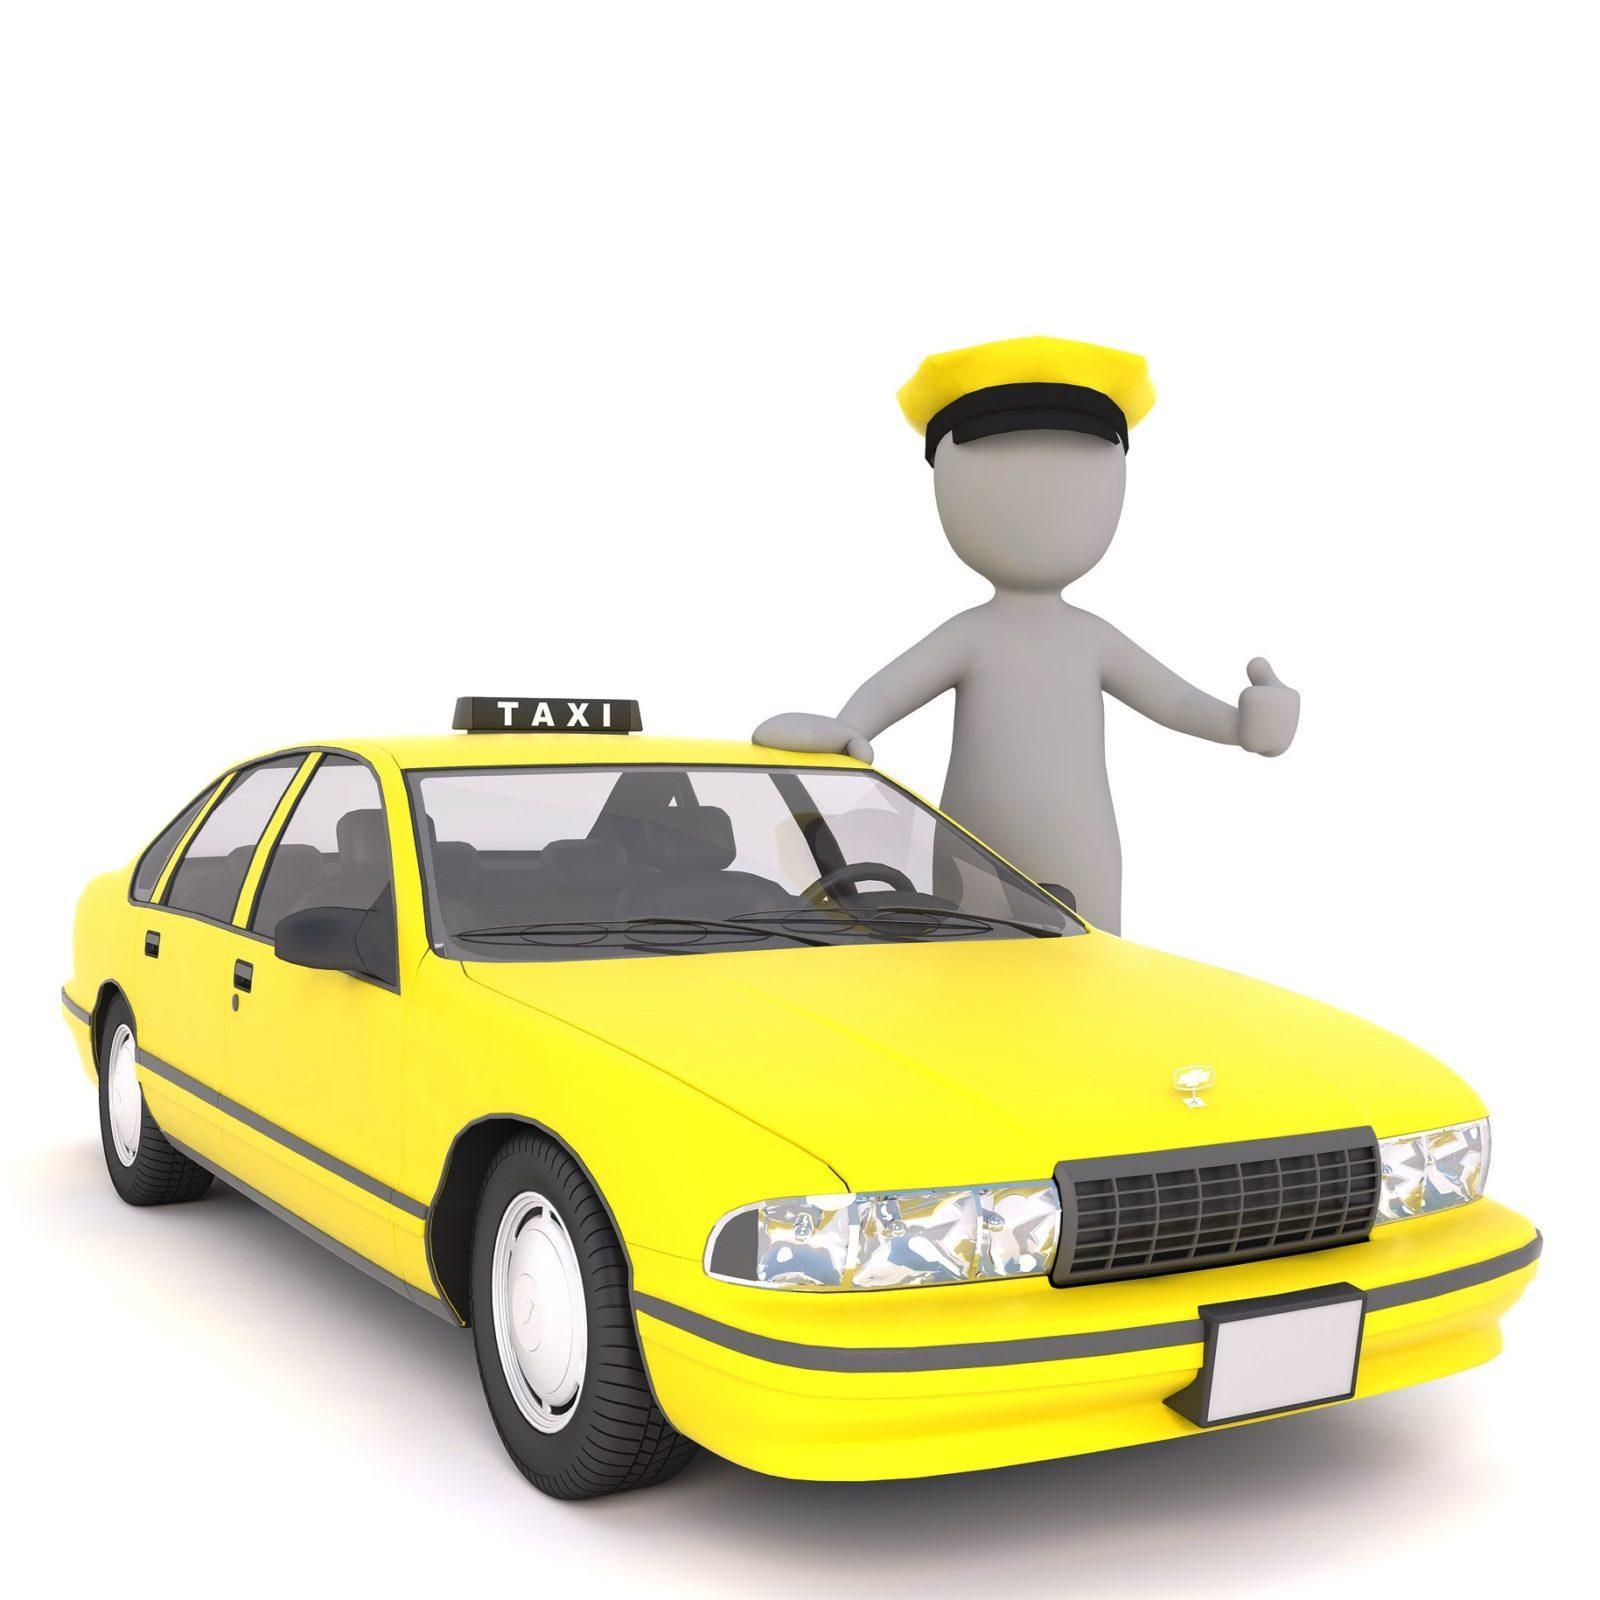 такси бургас аэропорт